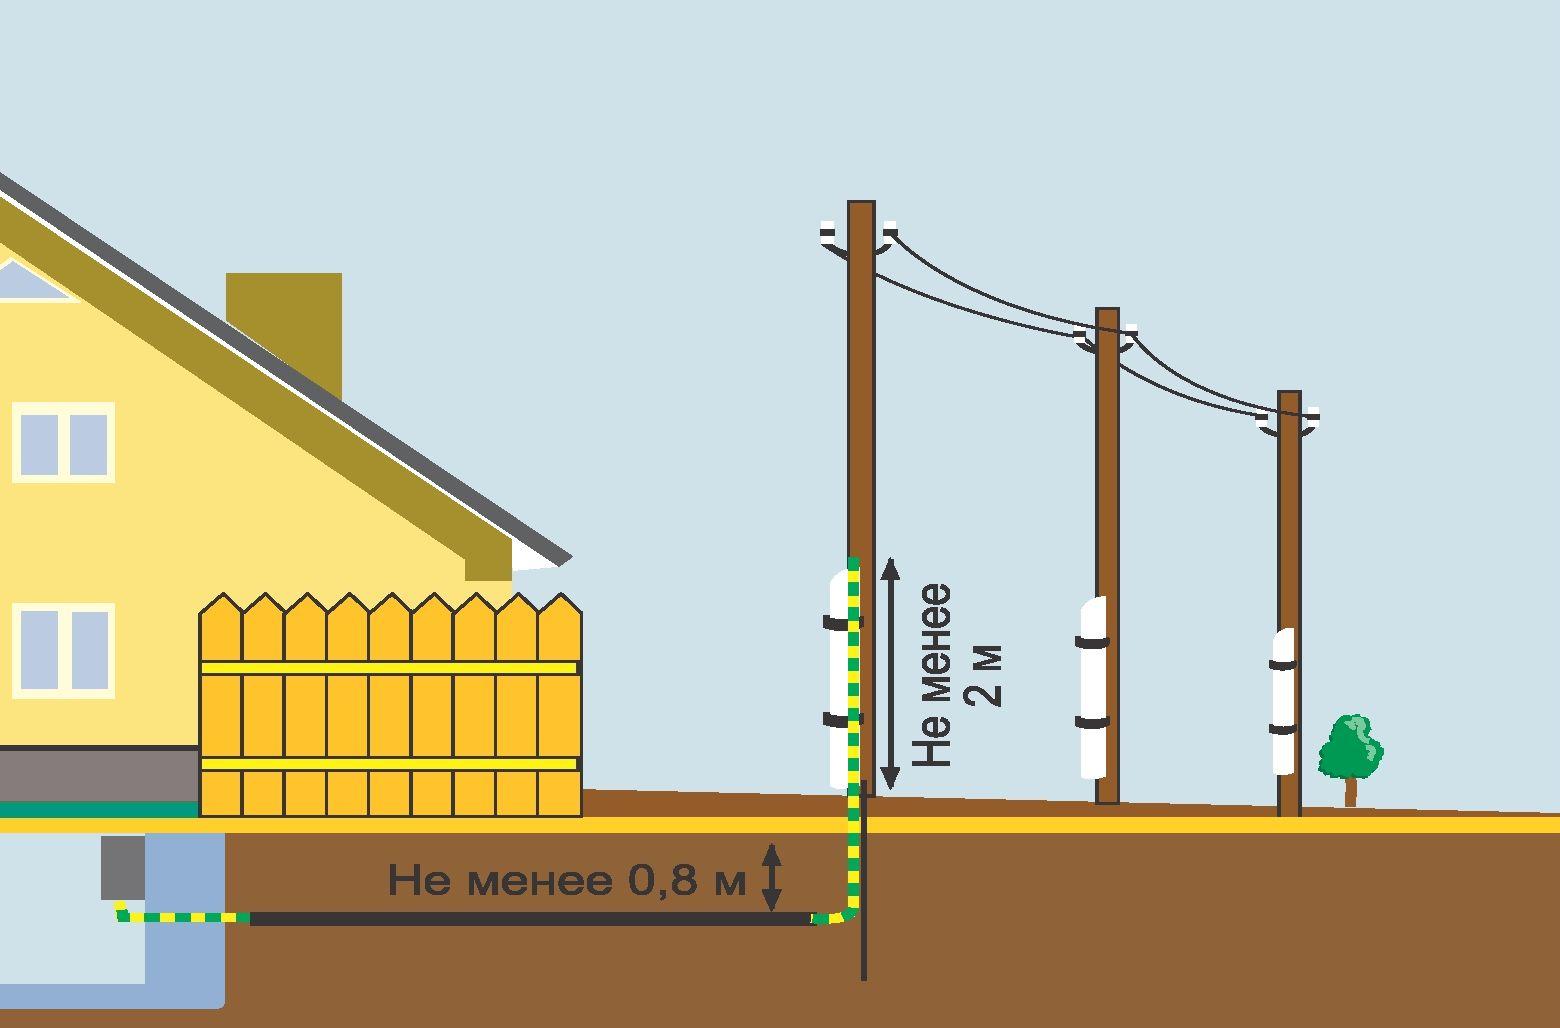 Как провести электричество под землей фото обновления для программы электроснабжение v 2.1